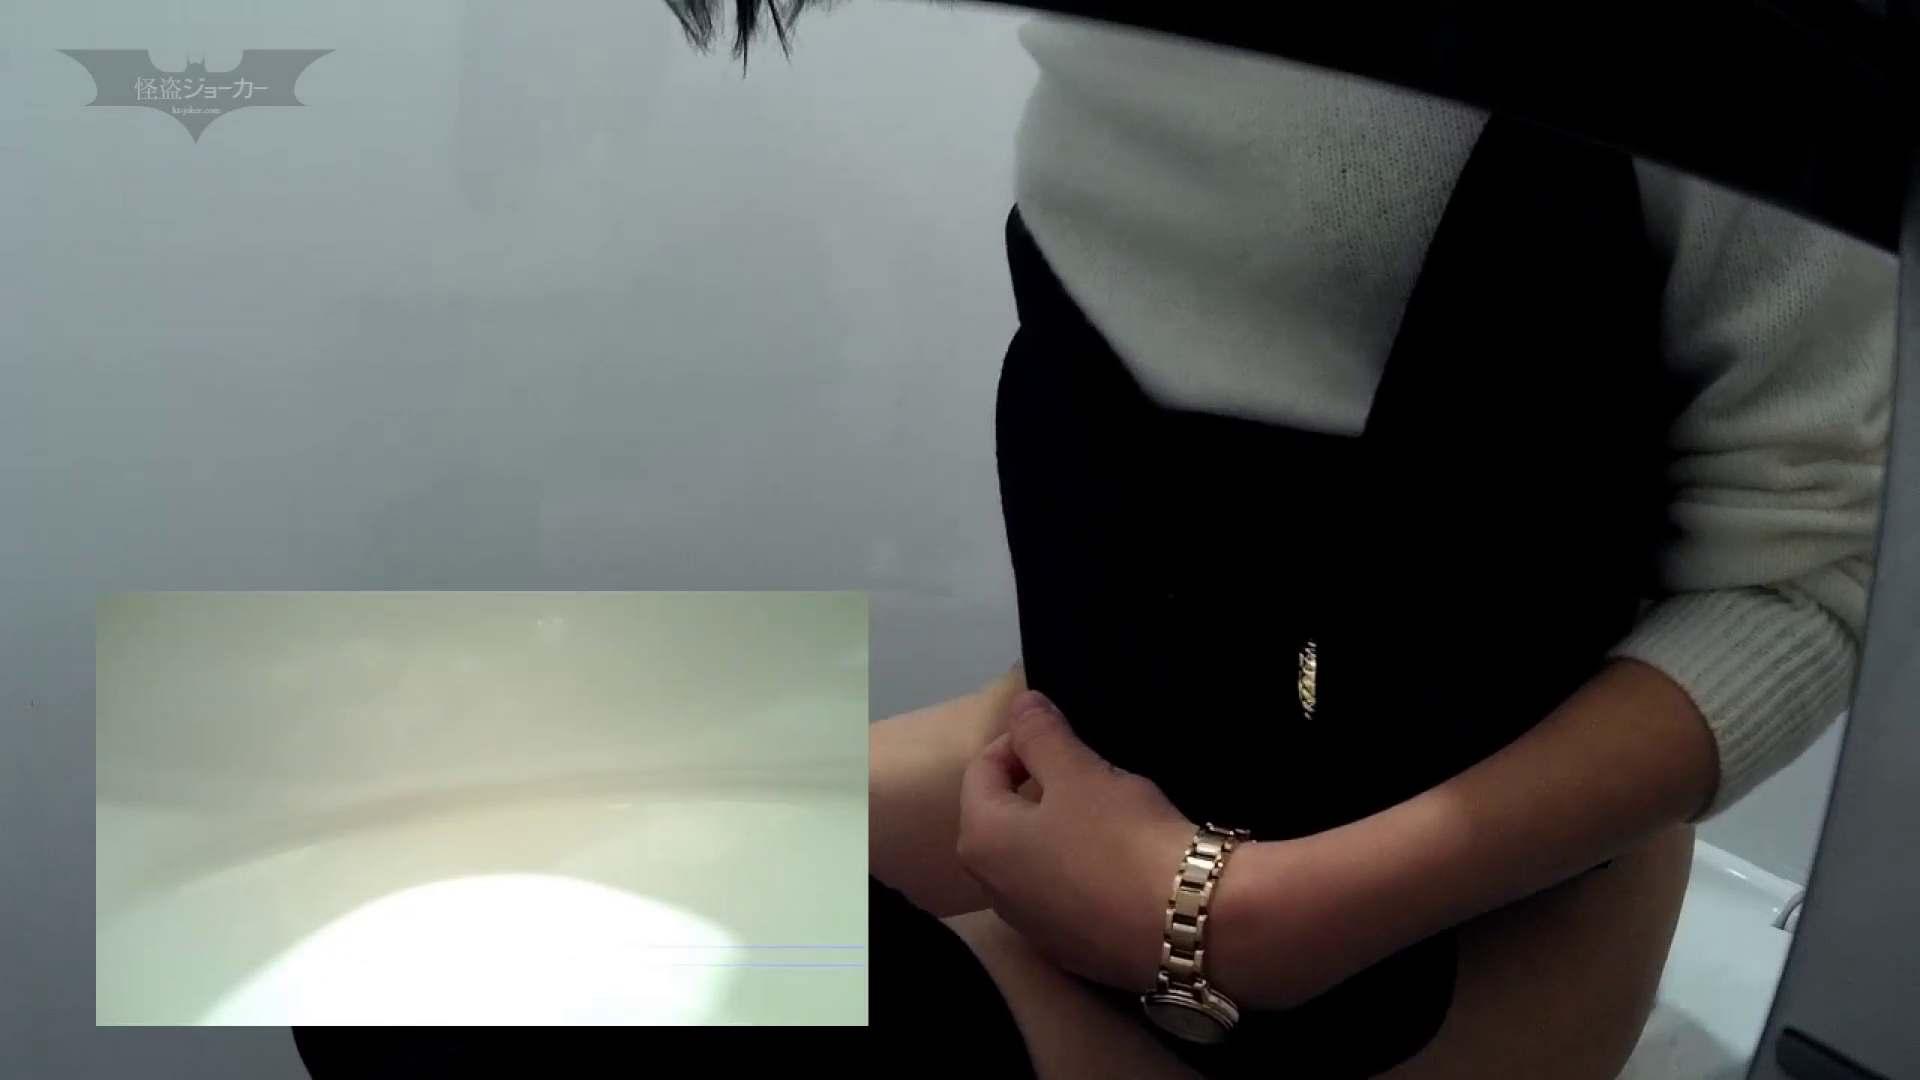 有名大学女性洗面所 vol.57 S級美女マルチアングル撮り!! 投稿 覗きおまんこ画像 88PIX 53